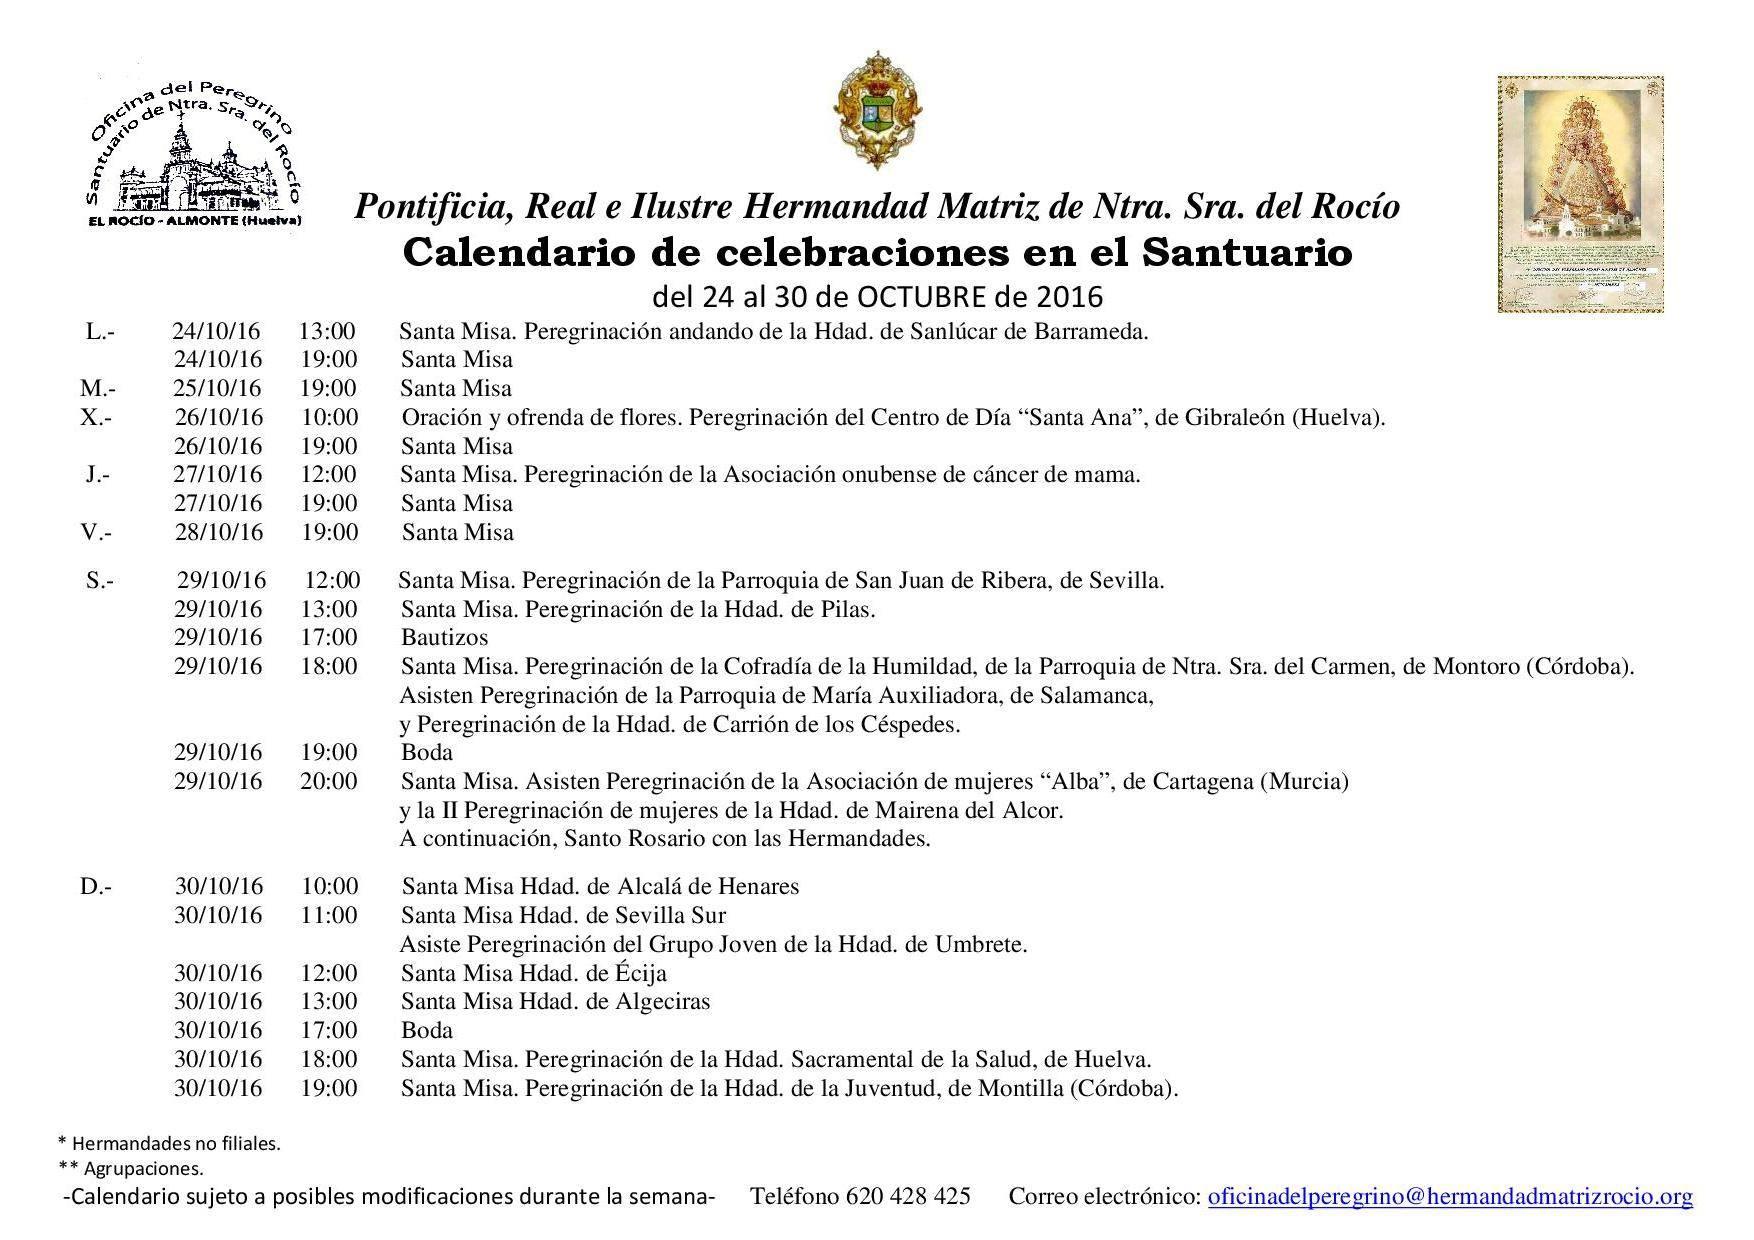 calendario-de-celebraciones-rocio-24-al-30-de-octubre-2016